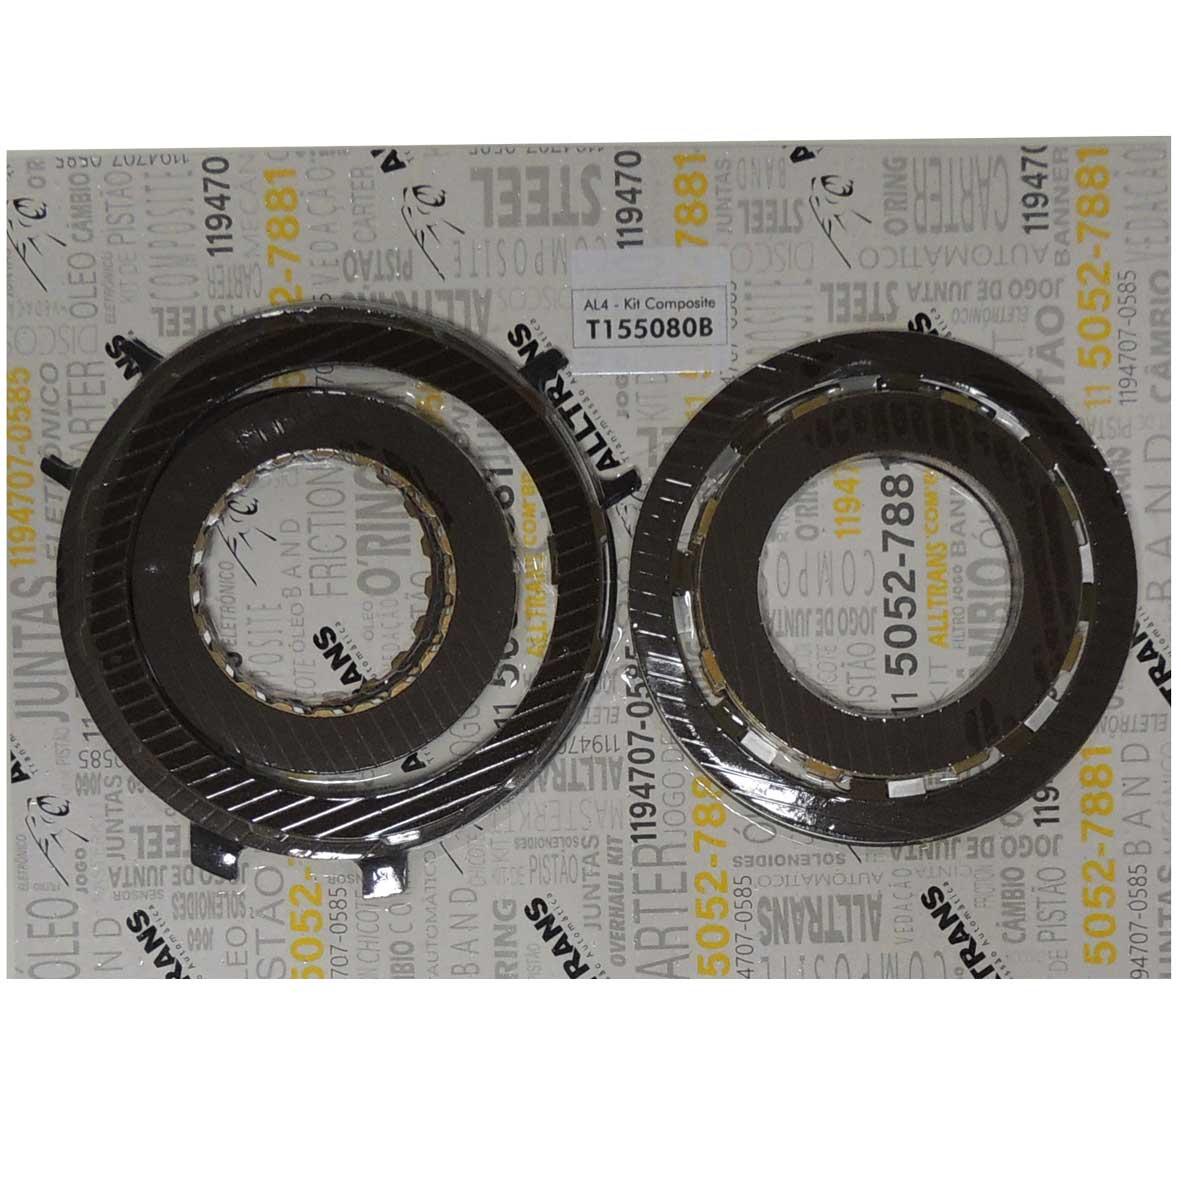 Kit de Discos de Composite do Câmbio Automático  - Al4 -  Frances T155080b  - Alltrans - Transmissão Automática